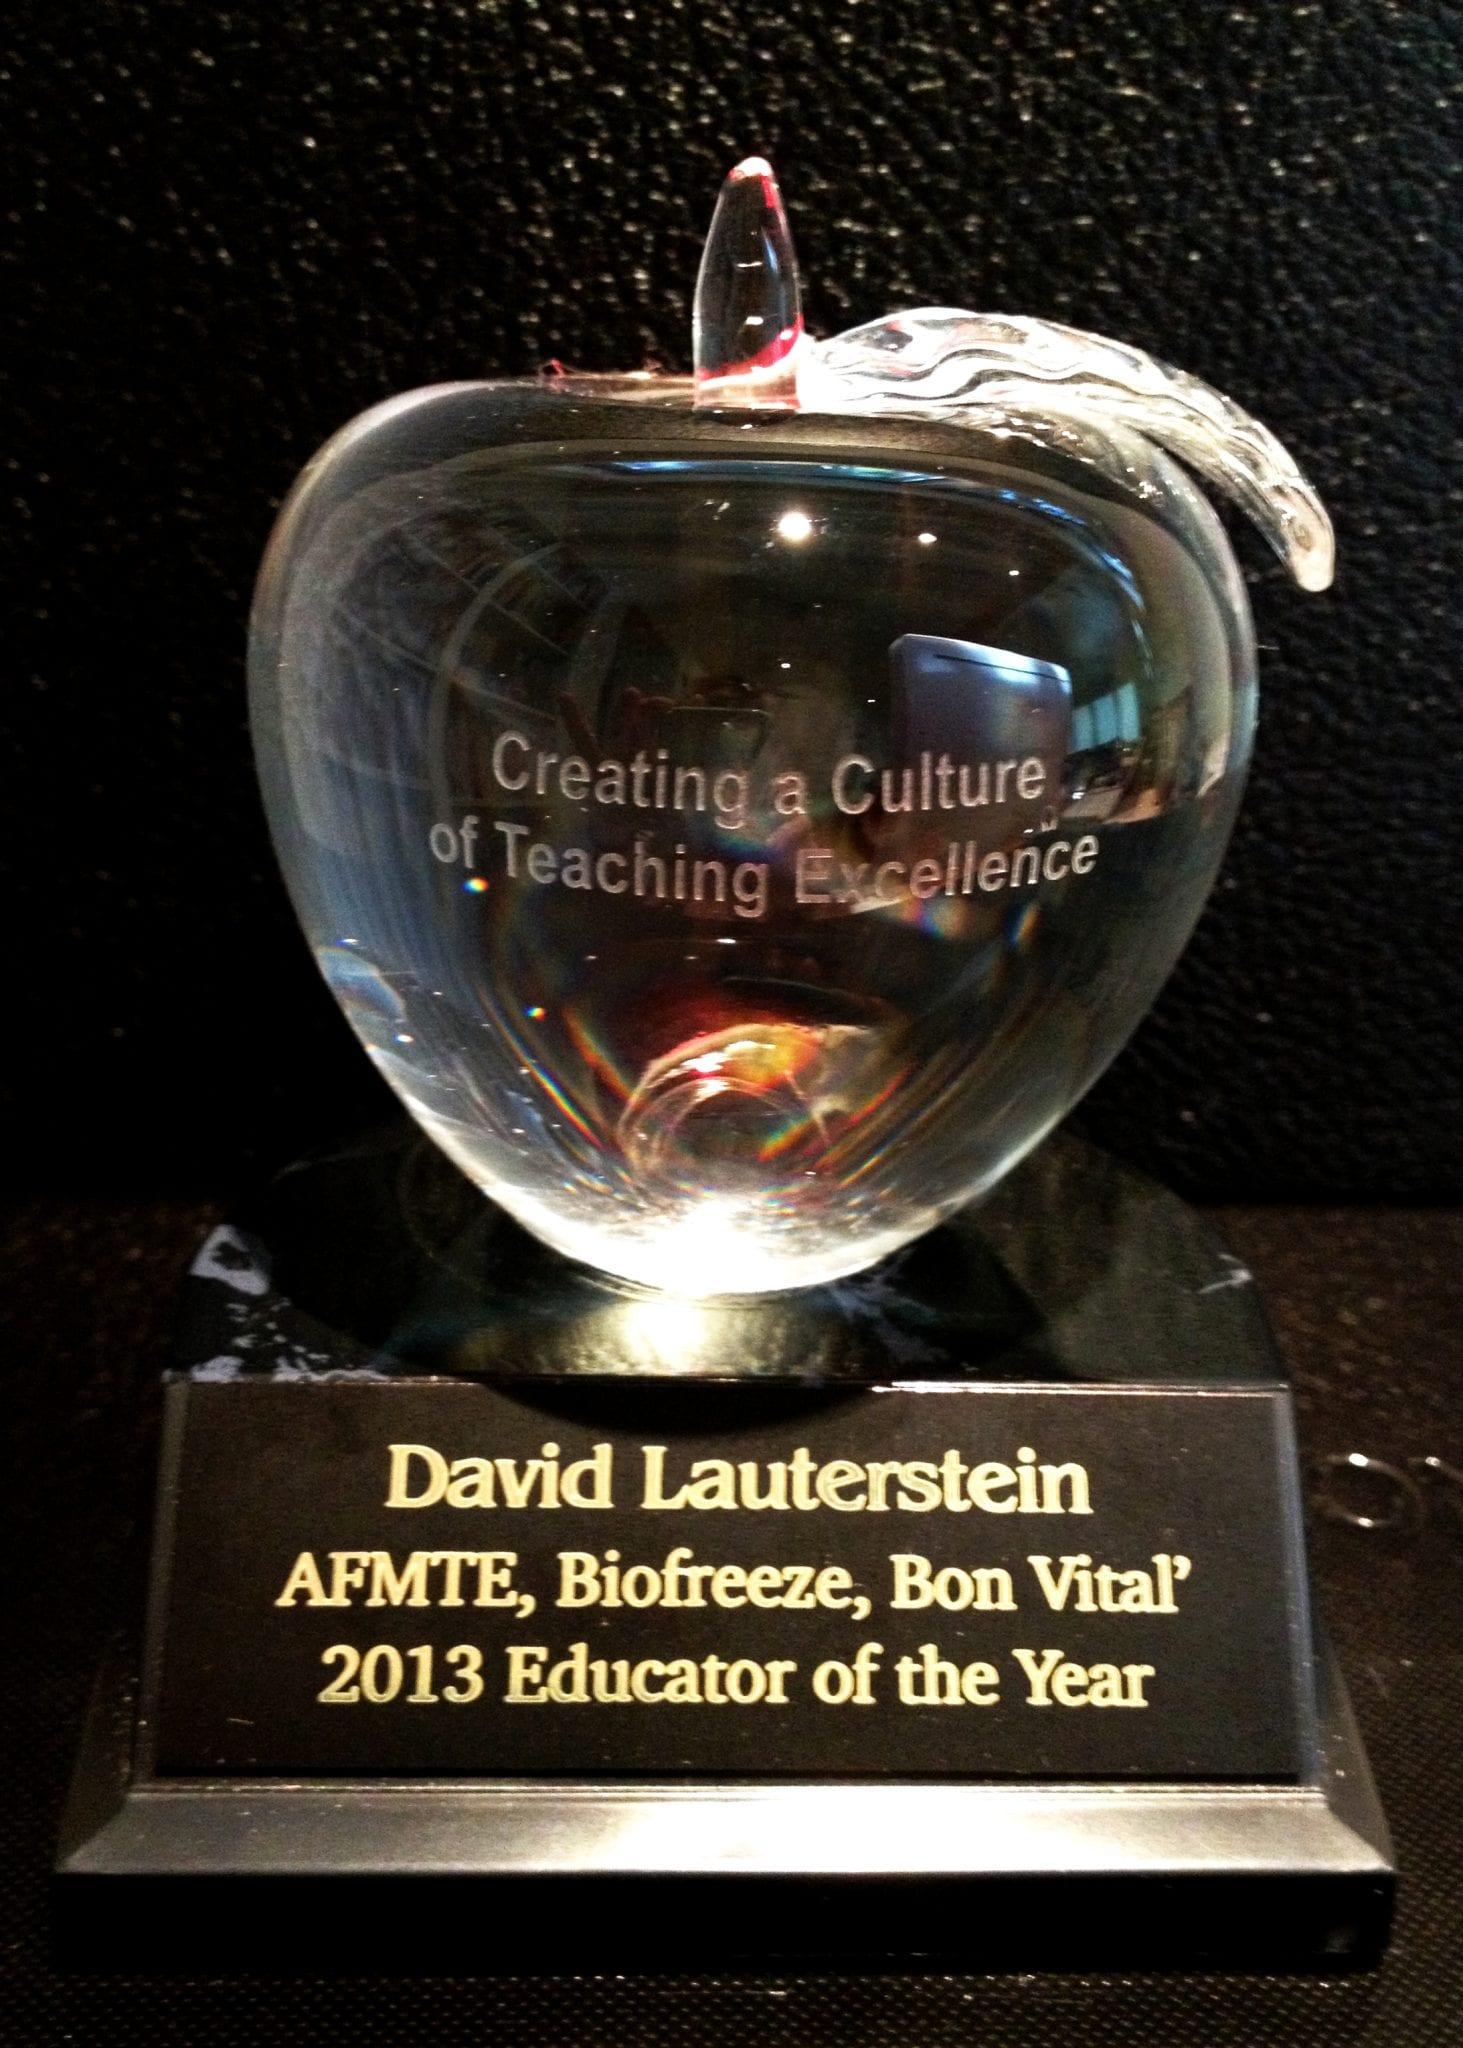 AFMTE award